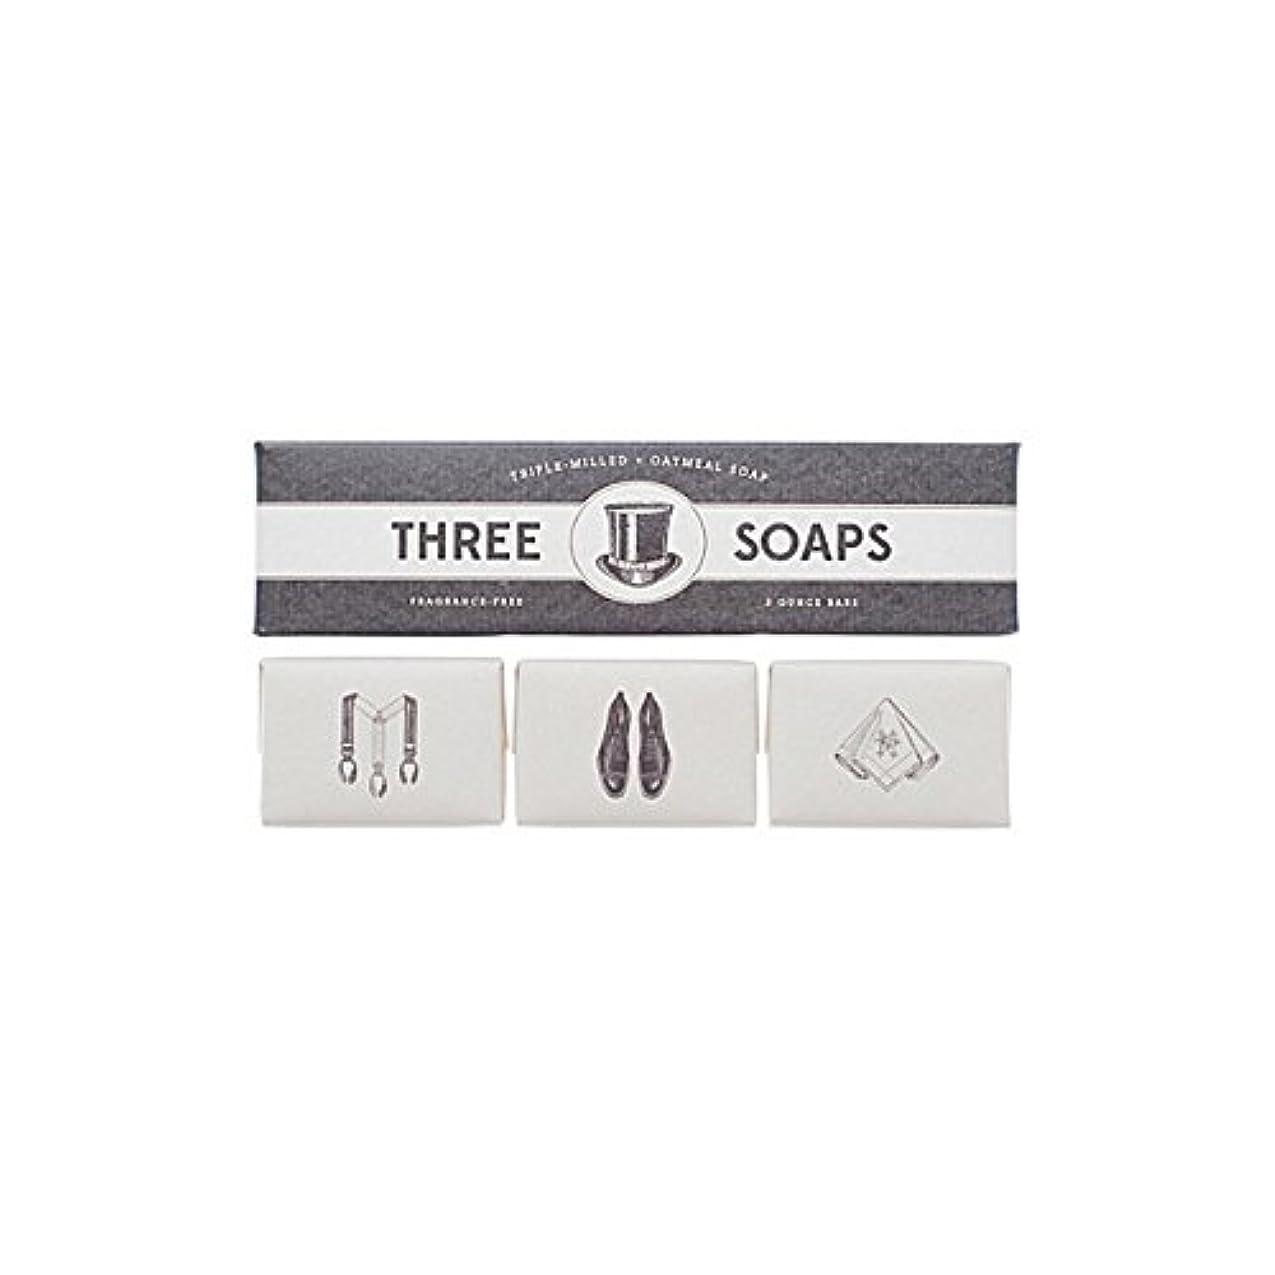 避けられない害叱る石鹸のイゾラトリオ x4 - Izola Trio Of Soaps (Pack of 4) [並行輸入品]